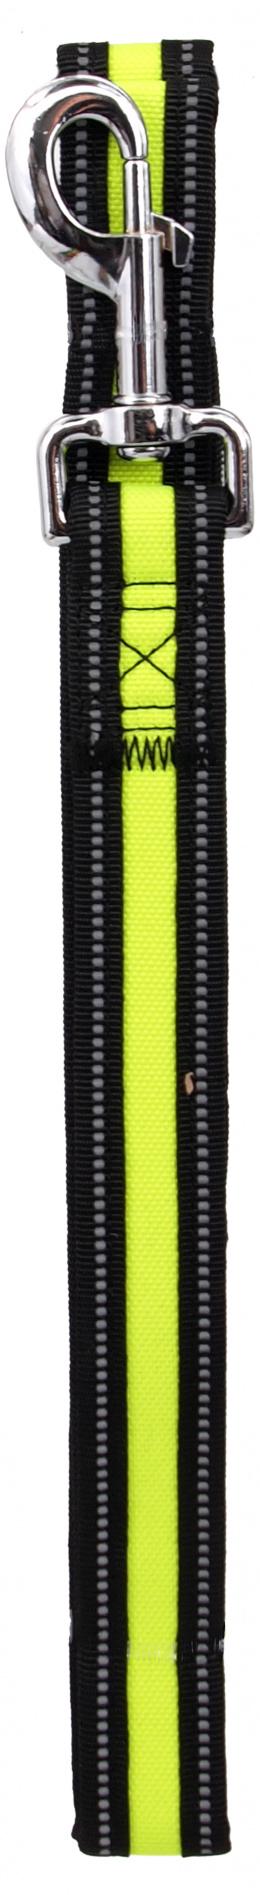 DF Voditko Neoprene M/L limetka 2,5x120cm